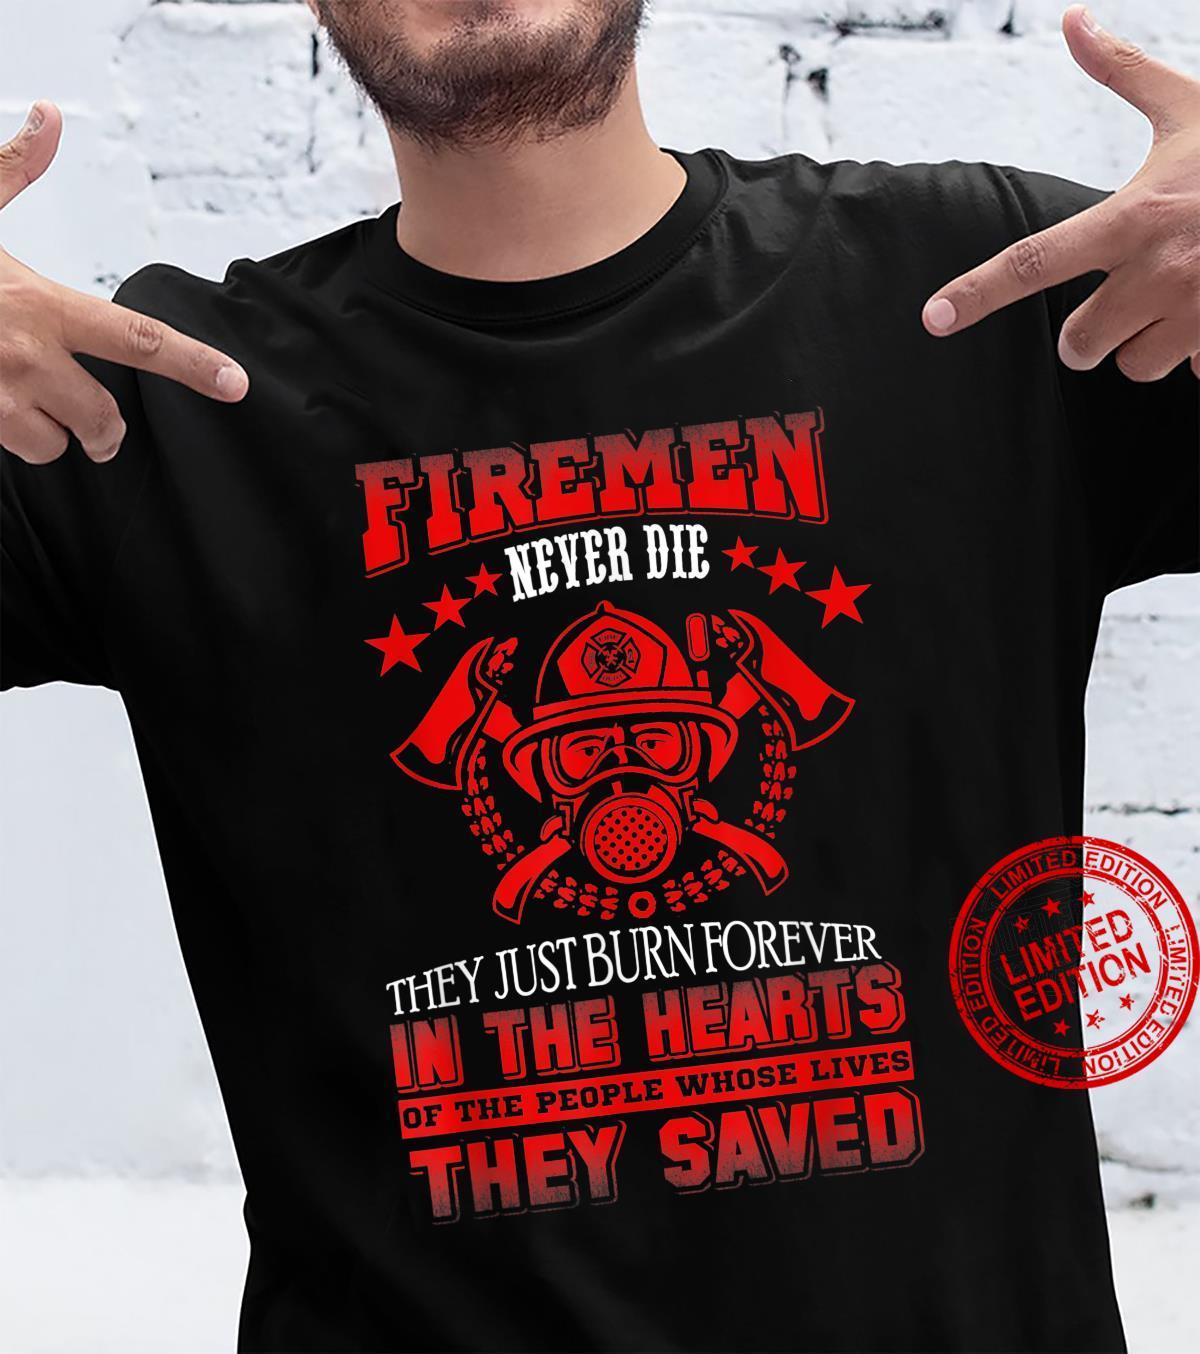 Firemen Firefighter Never Die Shirt